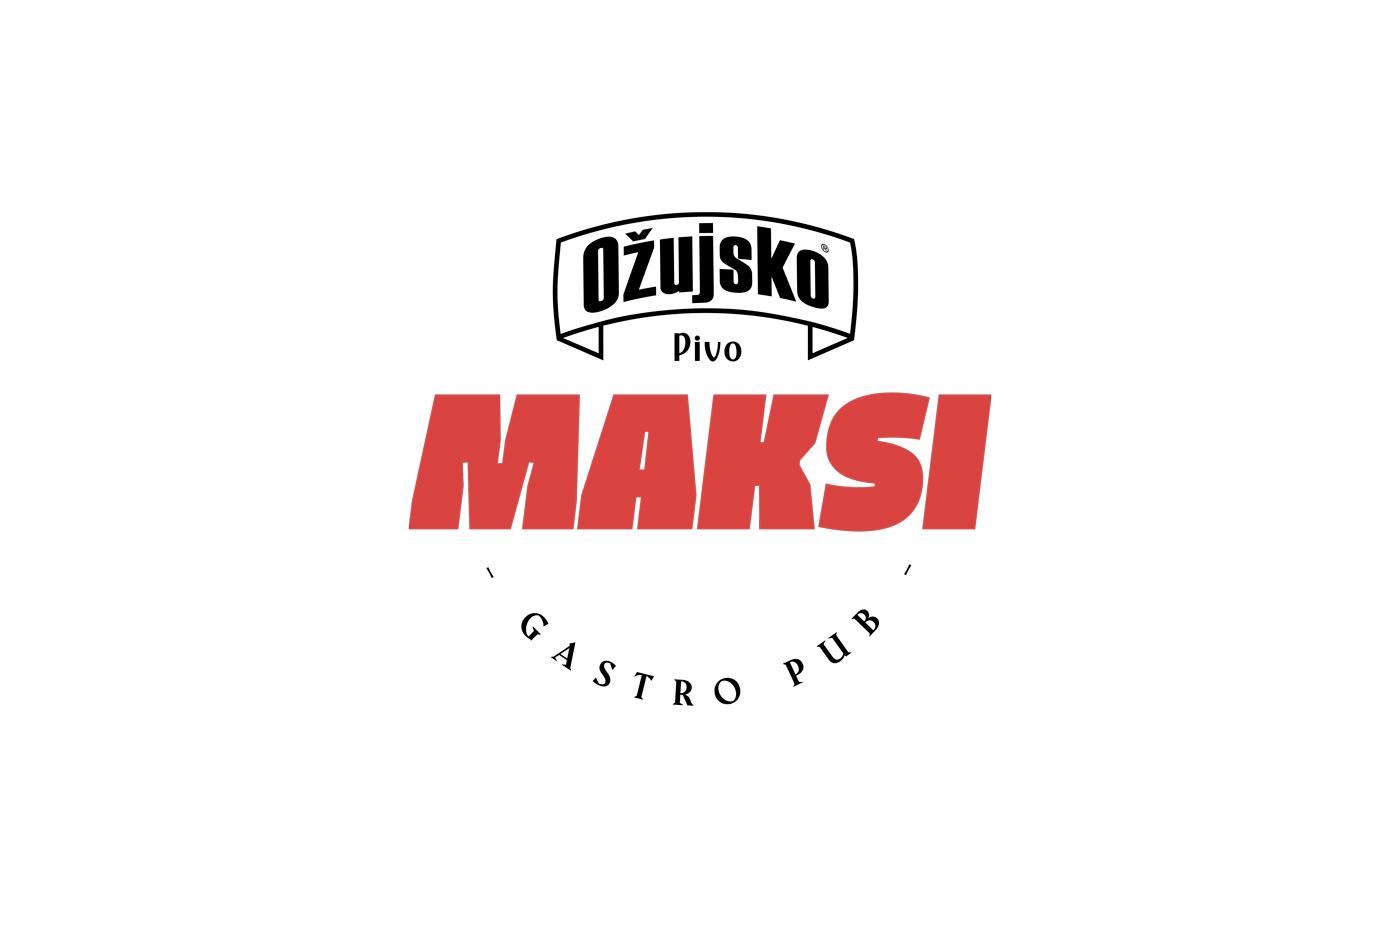 maksi_ozujsko_zuja_sudar_01